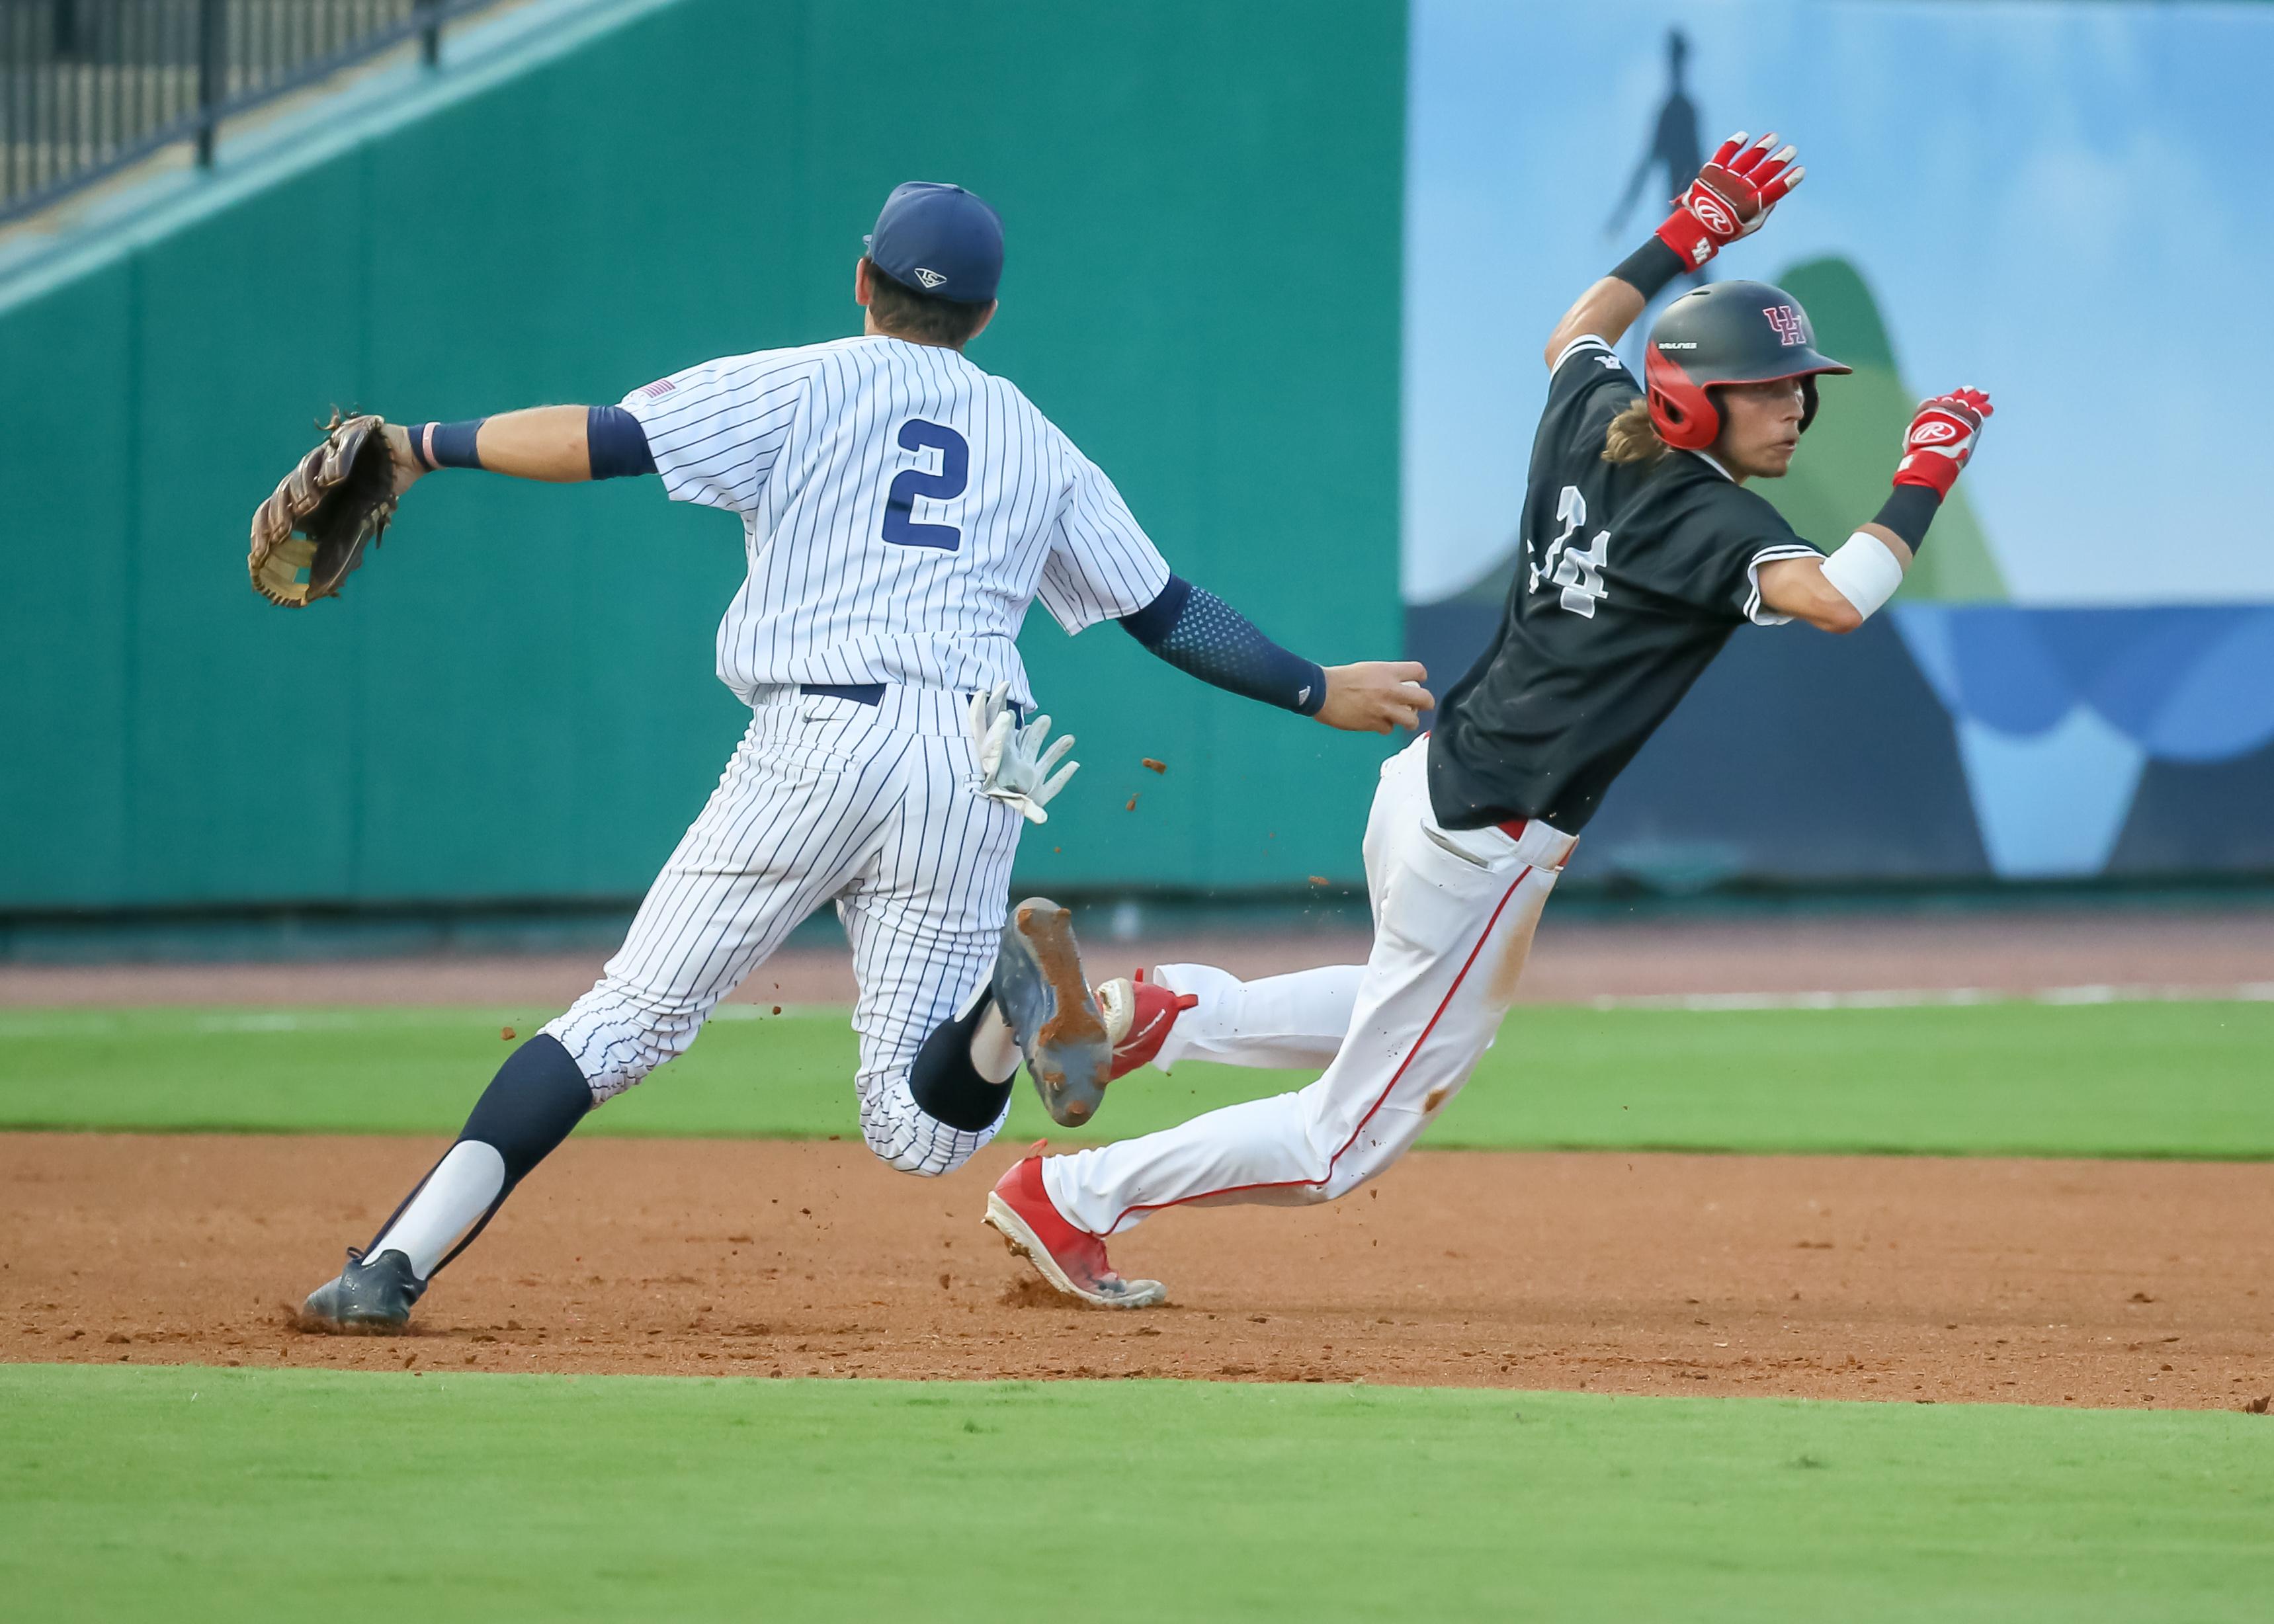 COLLEGE BASEBALL: MAY 15 Rice at Houston